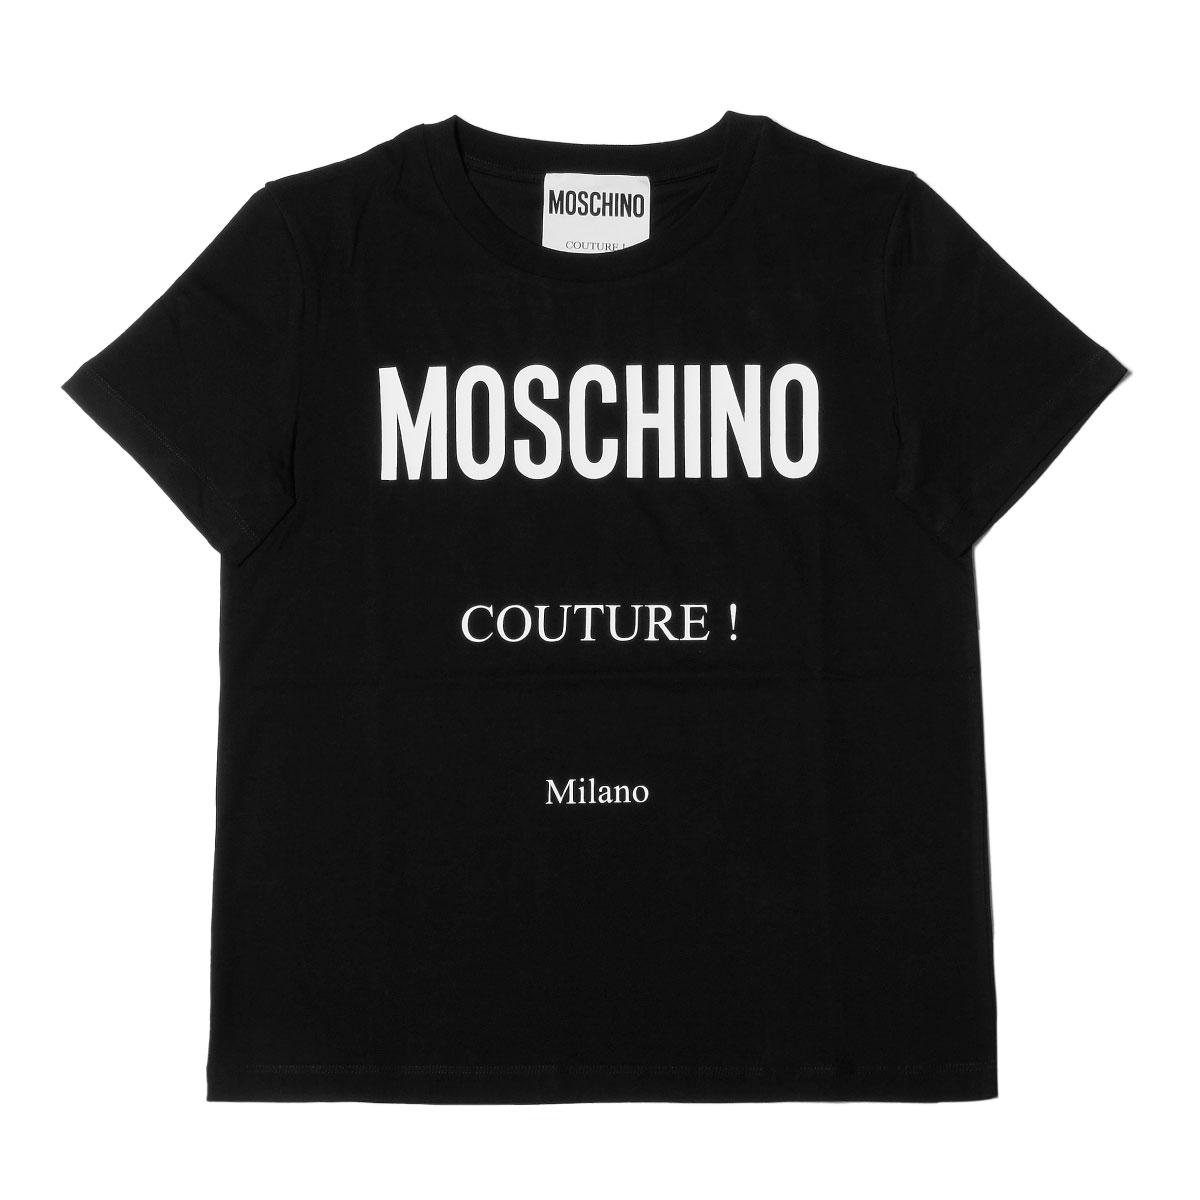 モスキーノ MOSCHINO Tシャツ レディース 0706 5540 1555 半袖Tシャツ BLACK ブラック